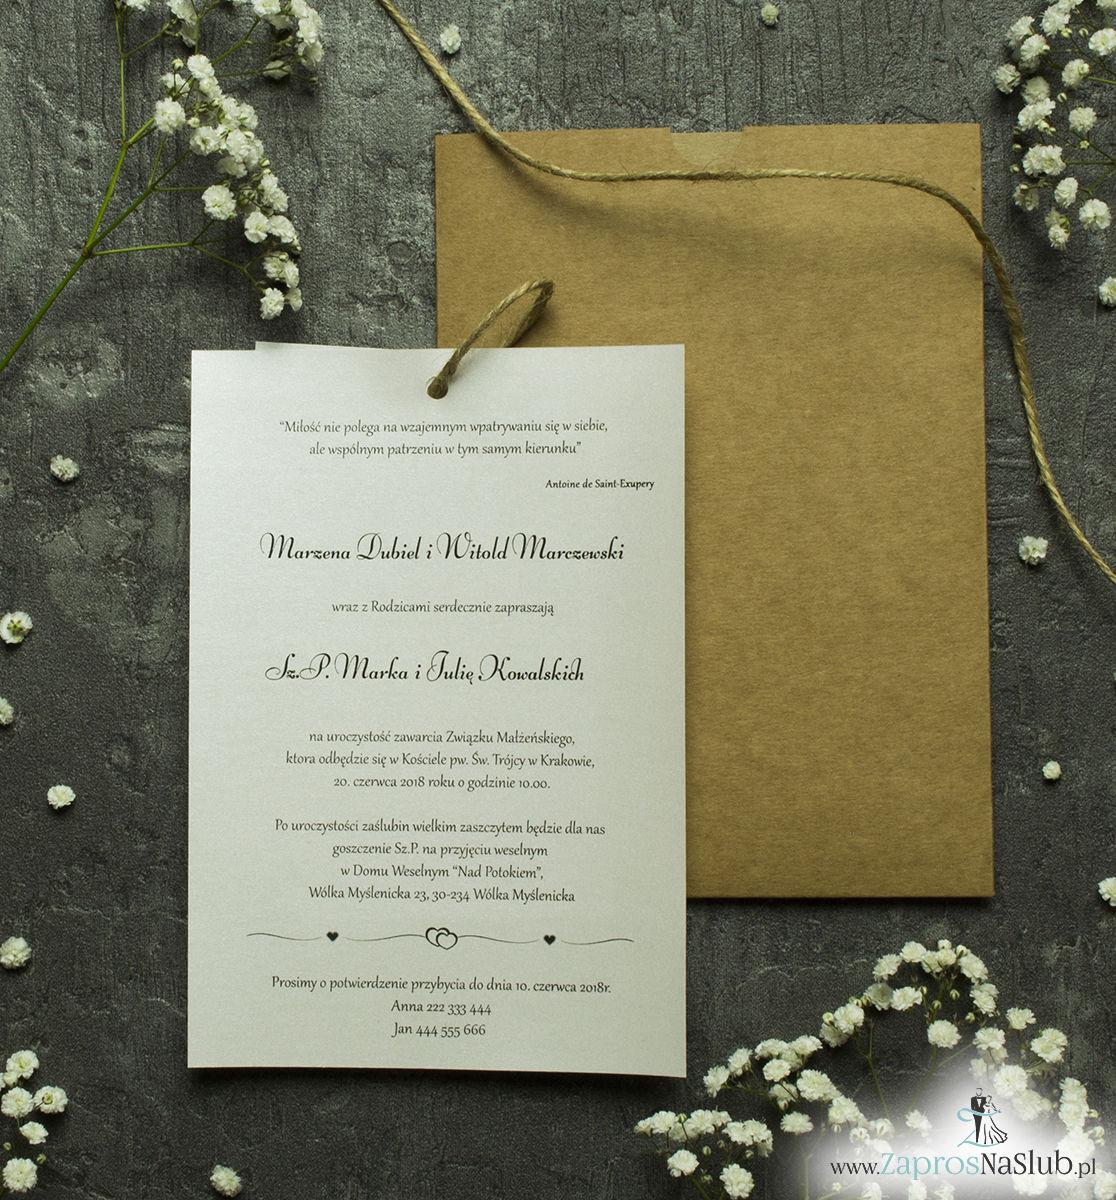 Zaproszenia ślubne w kopercie z papieru ekologicznego. ZAP-62-77